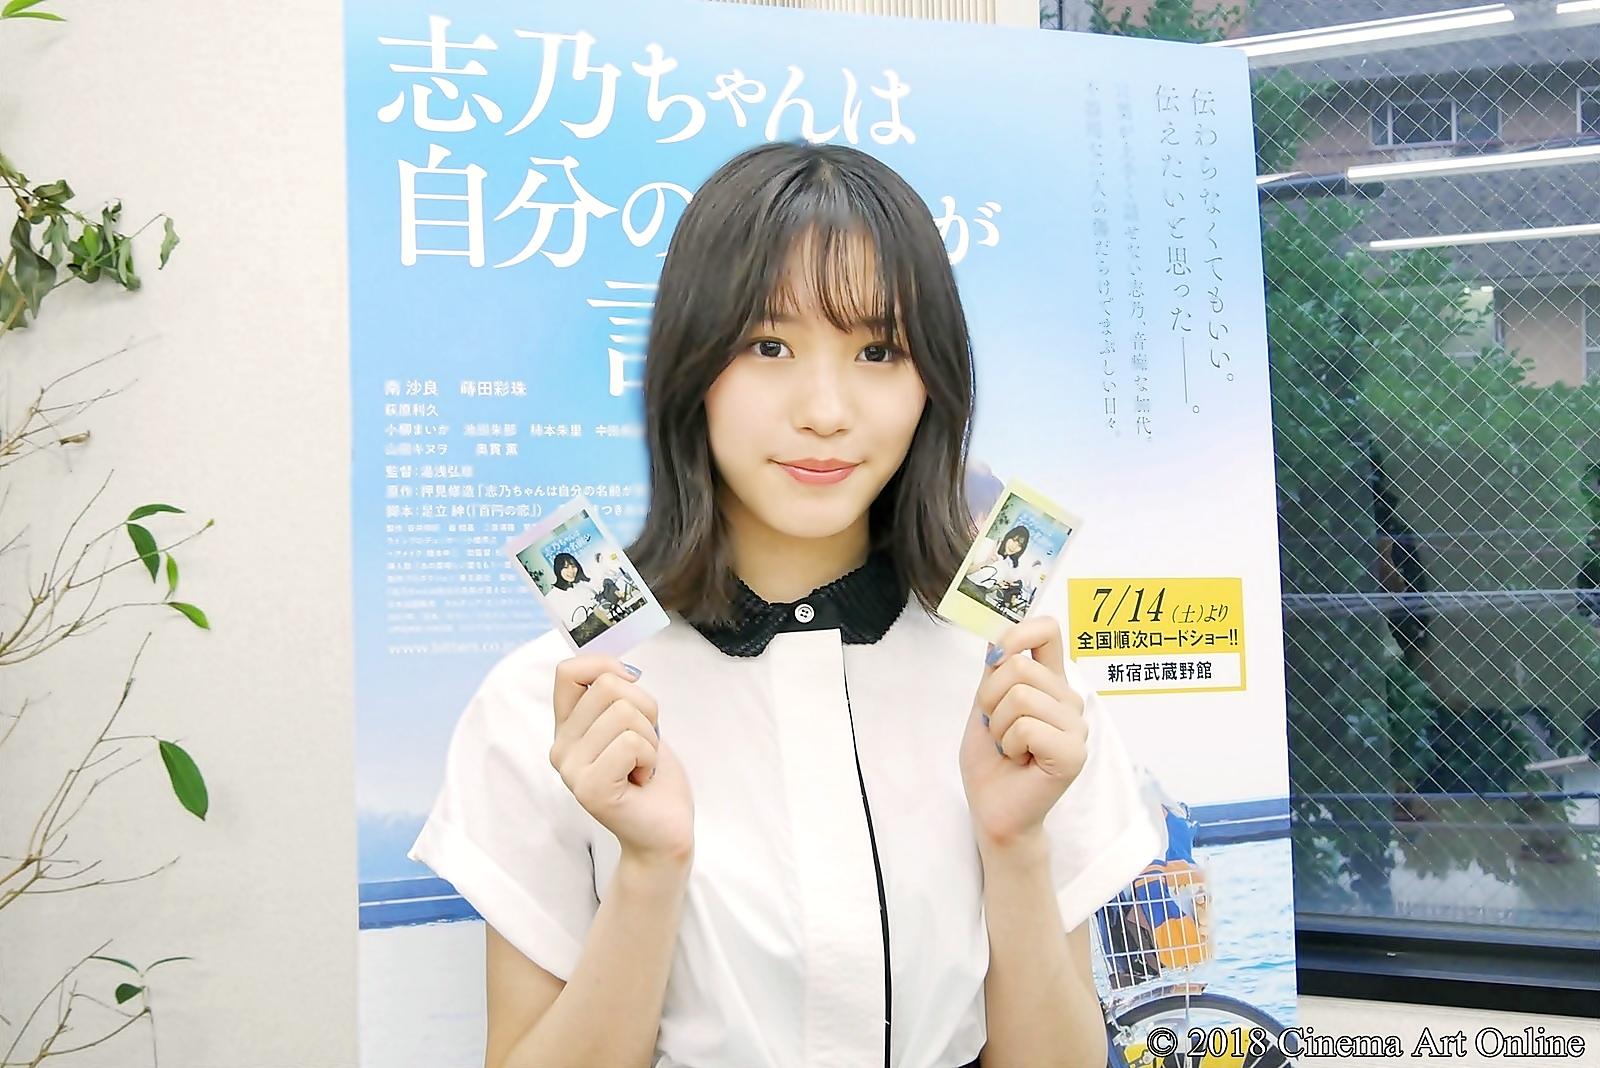 【写真】映画『志乃ちゃんは自分の名前が言えない』南沙良CAO読者プレゼント (直筆サイン入りチェキ)